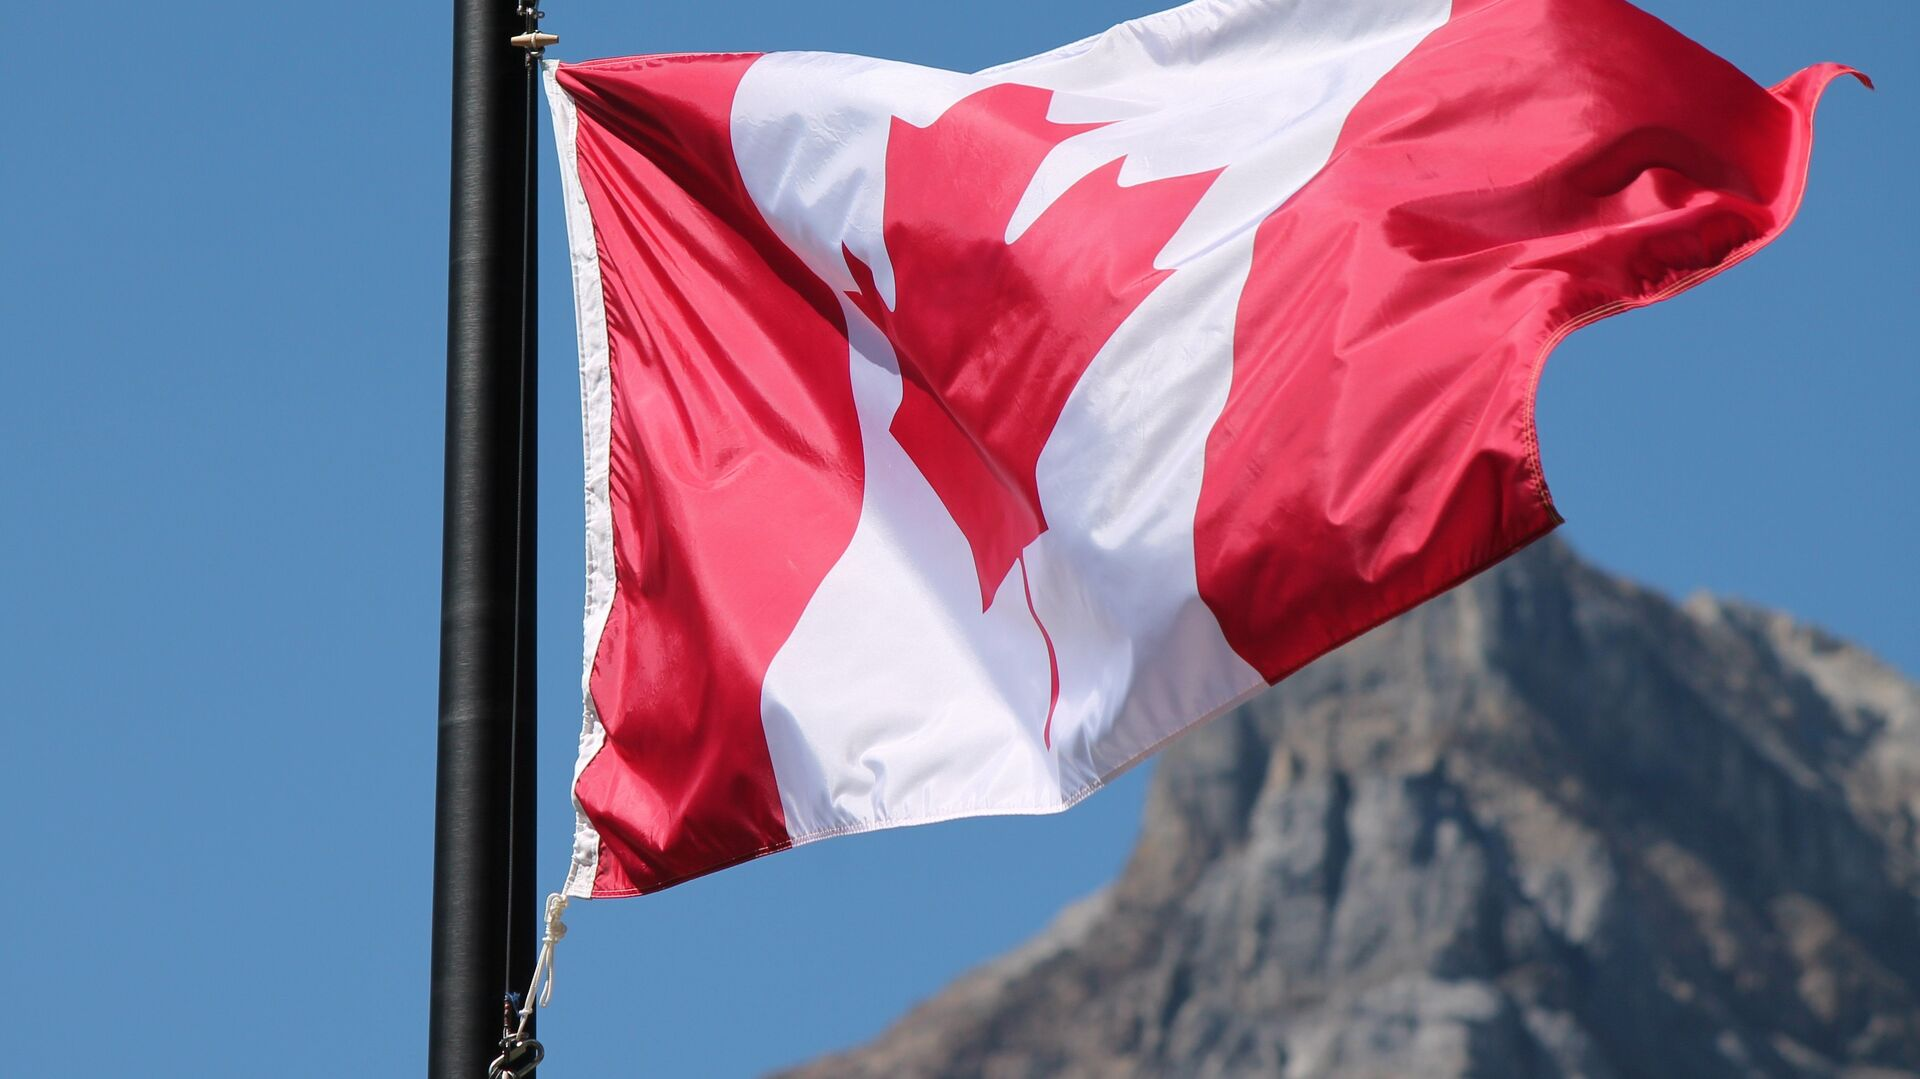 Bandera de Canadá - Sputnik Mundo, 1920, 30.03.2021